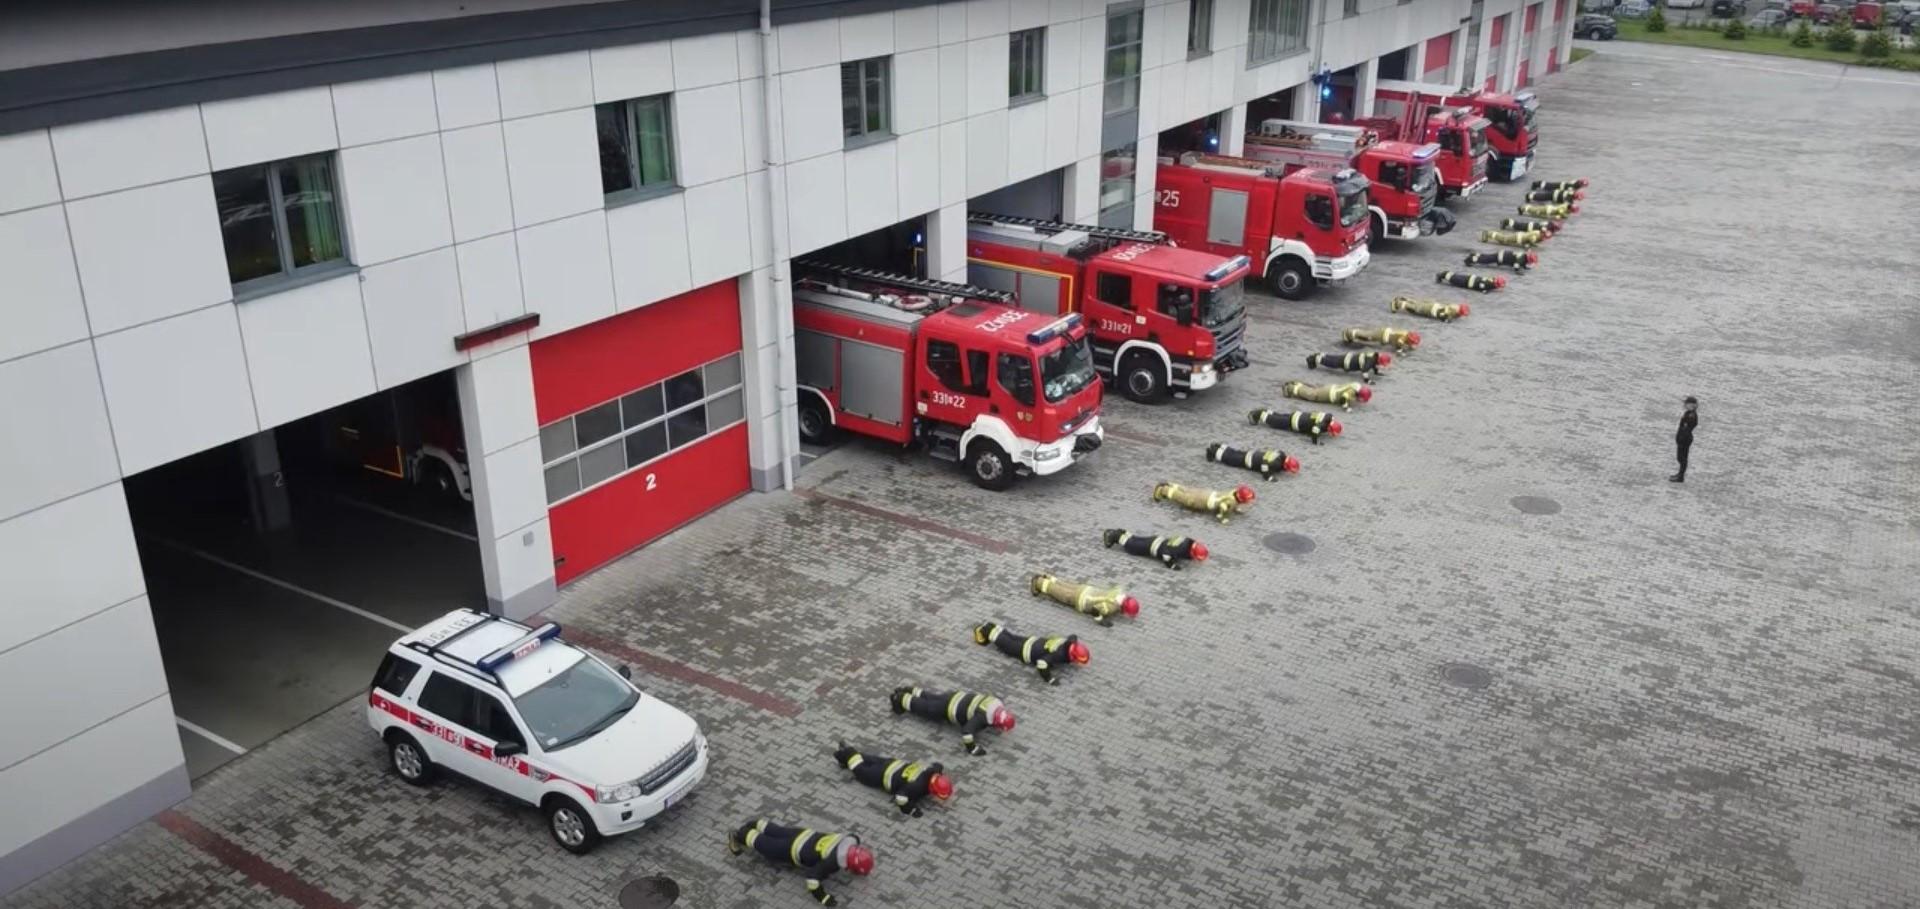 #GaszynChallenge w wykonaniu zawodowych strażaków z Bielska - Białej